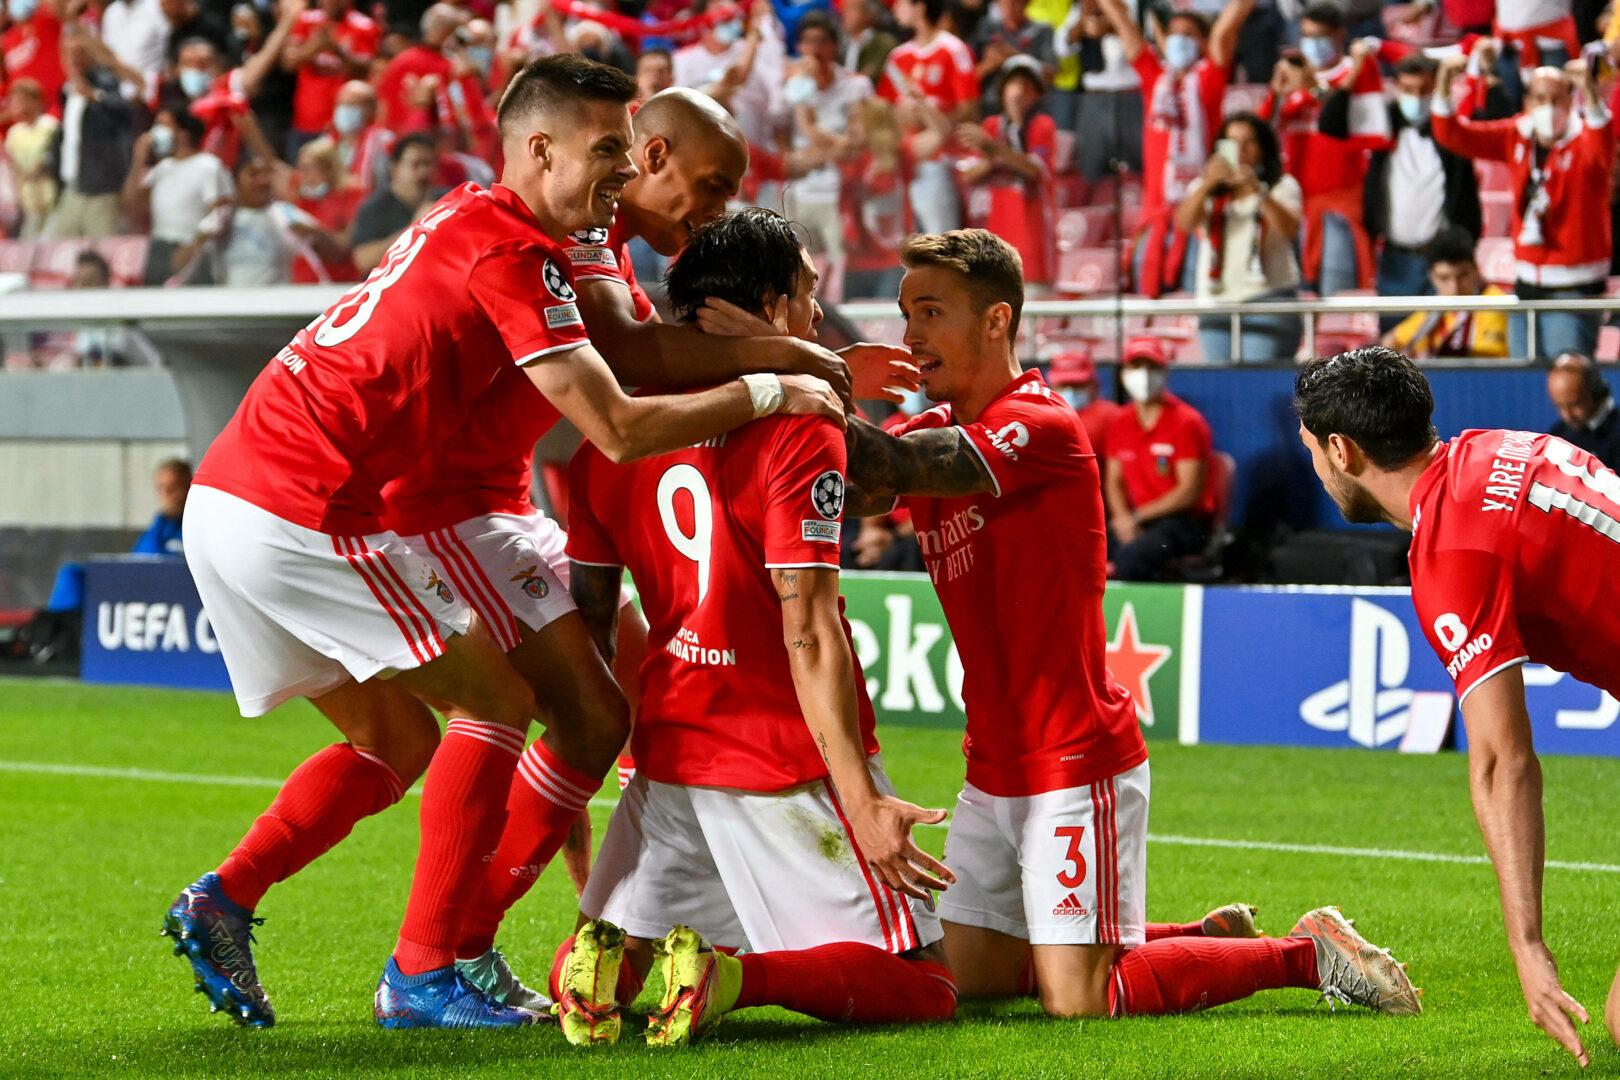 Die Spieler von Benfica bejubeln in der Champions League einen Treffer gegen den FC Barcelona